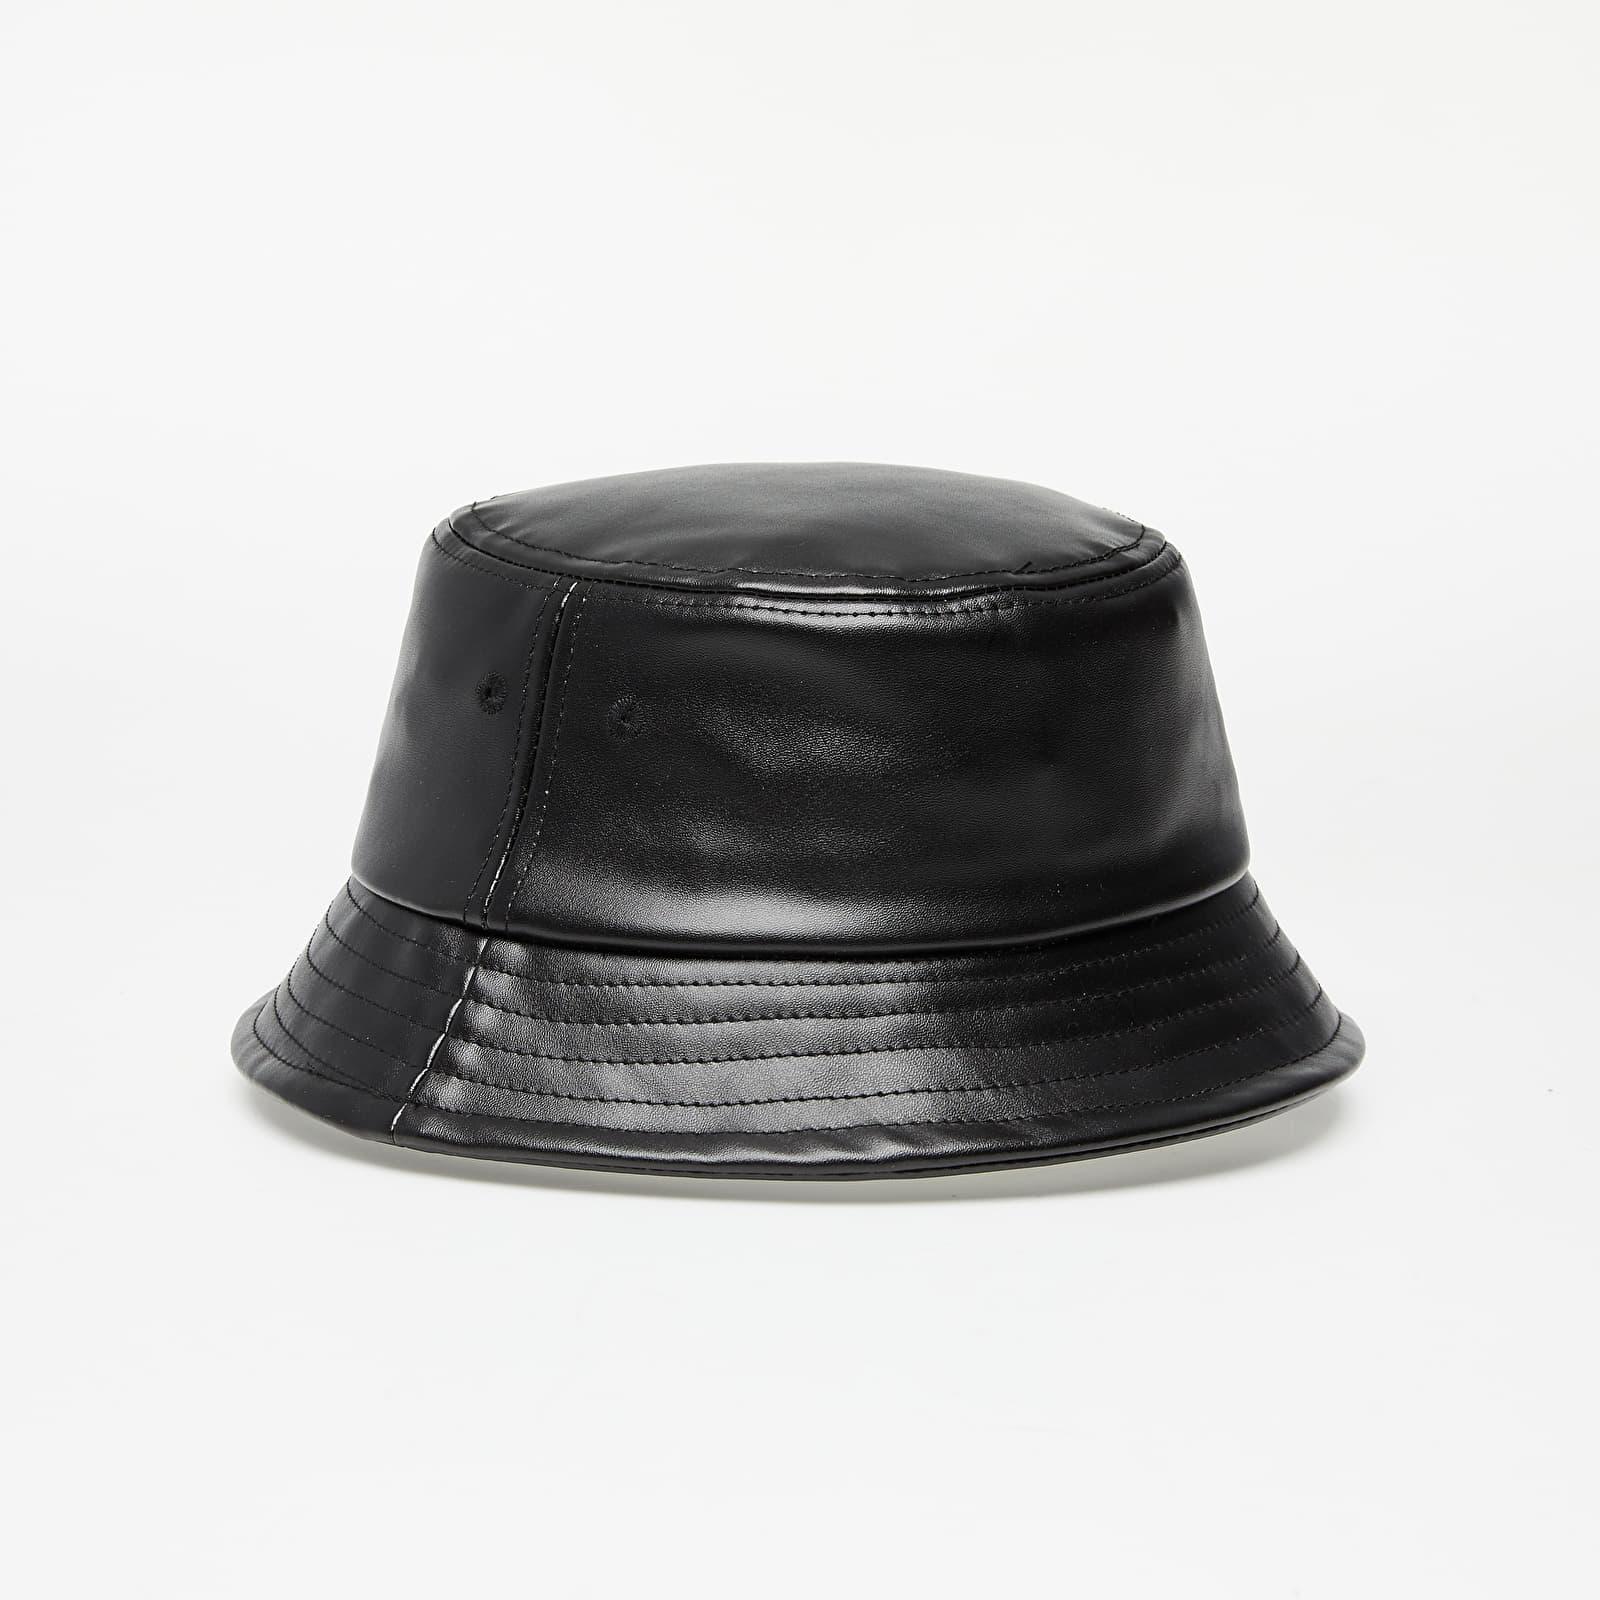 לצפייה במוצר CHAMPION STYLISH BUCKET HAT Black